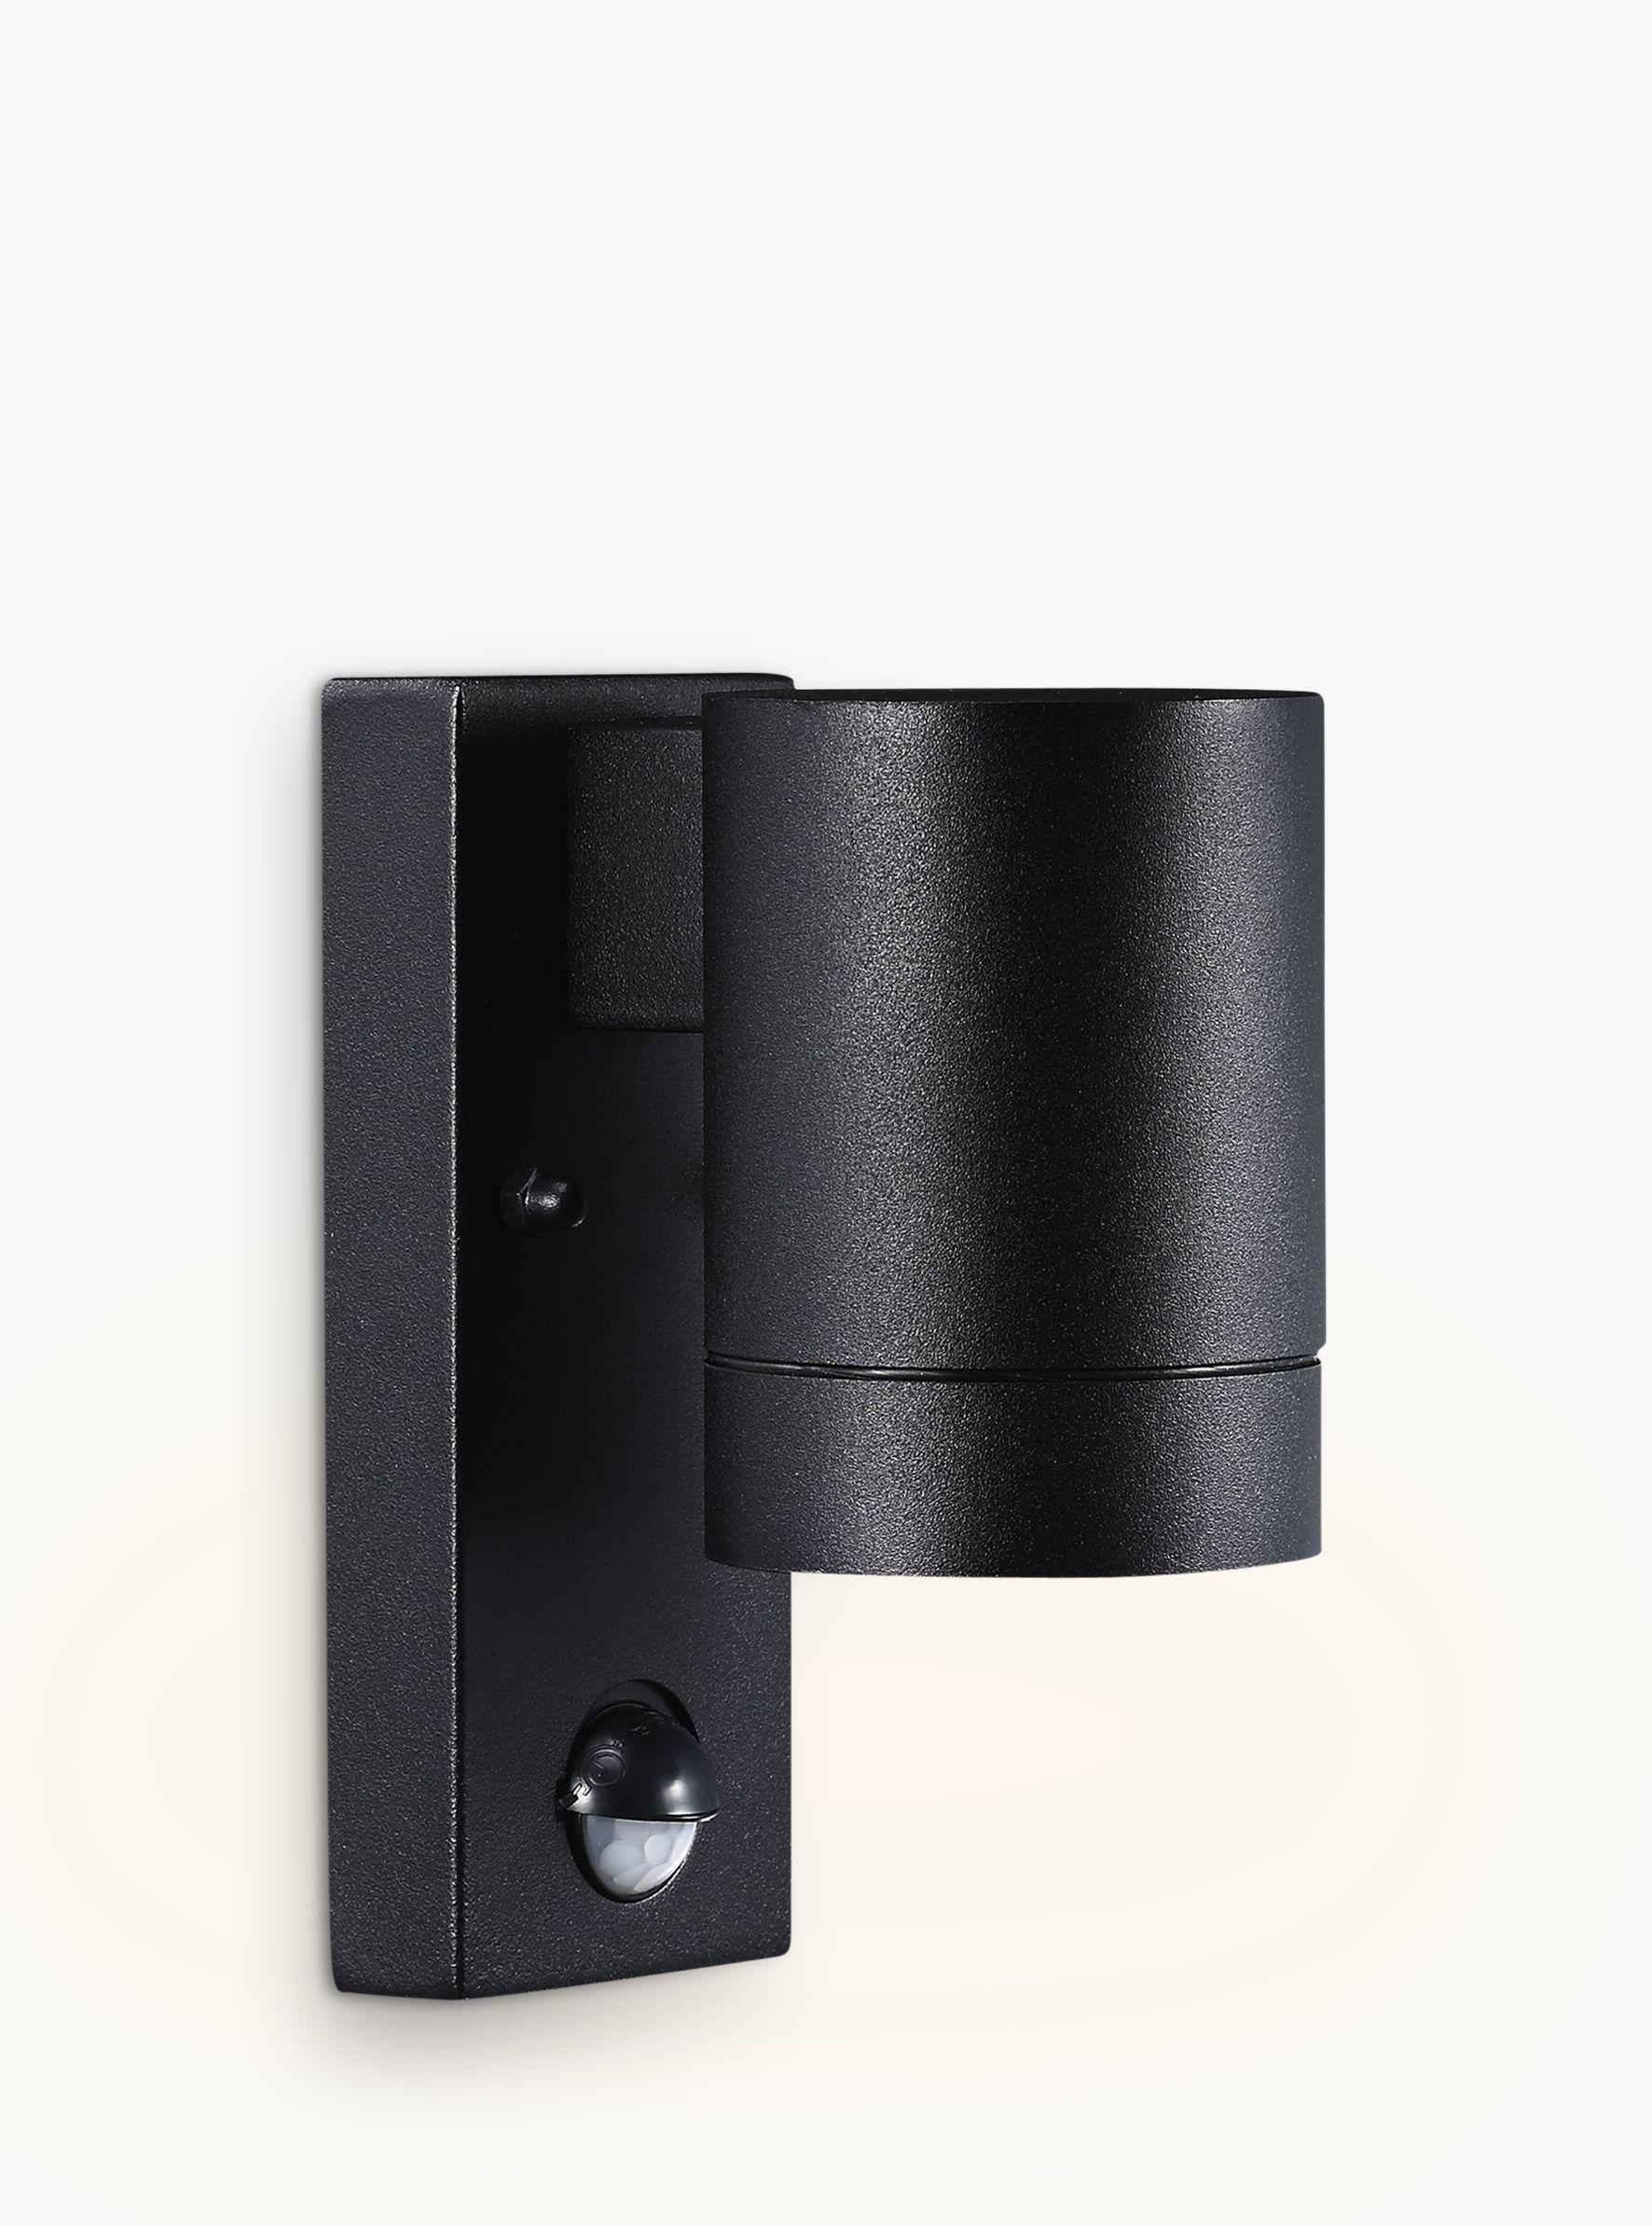 Nordlux Tin Maxi Pir Outdoor Sensor Wall Light Black At John Lewis Partners